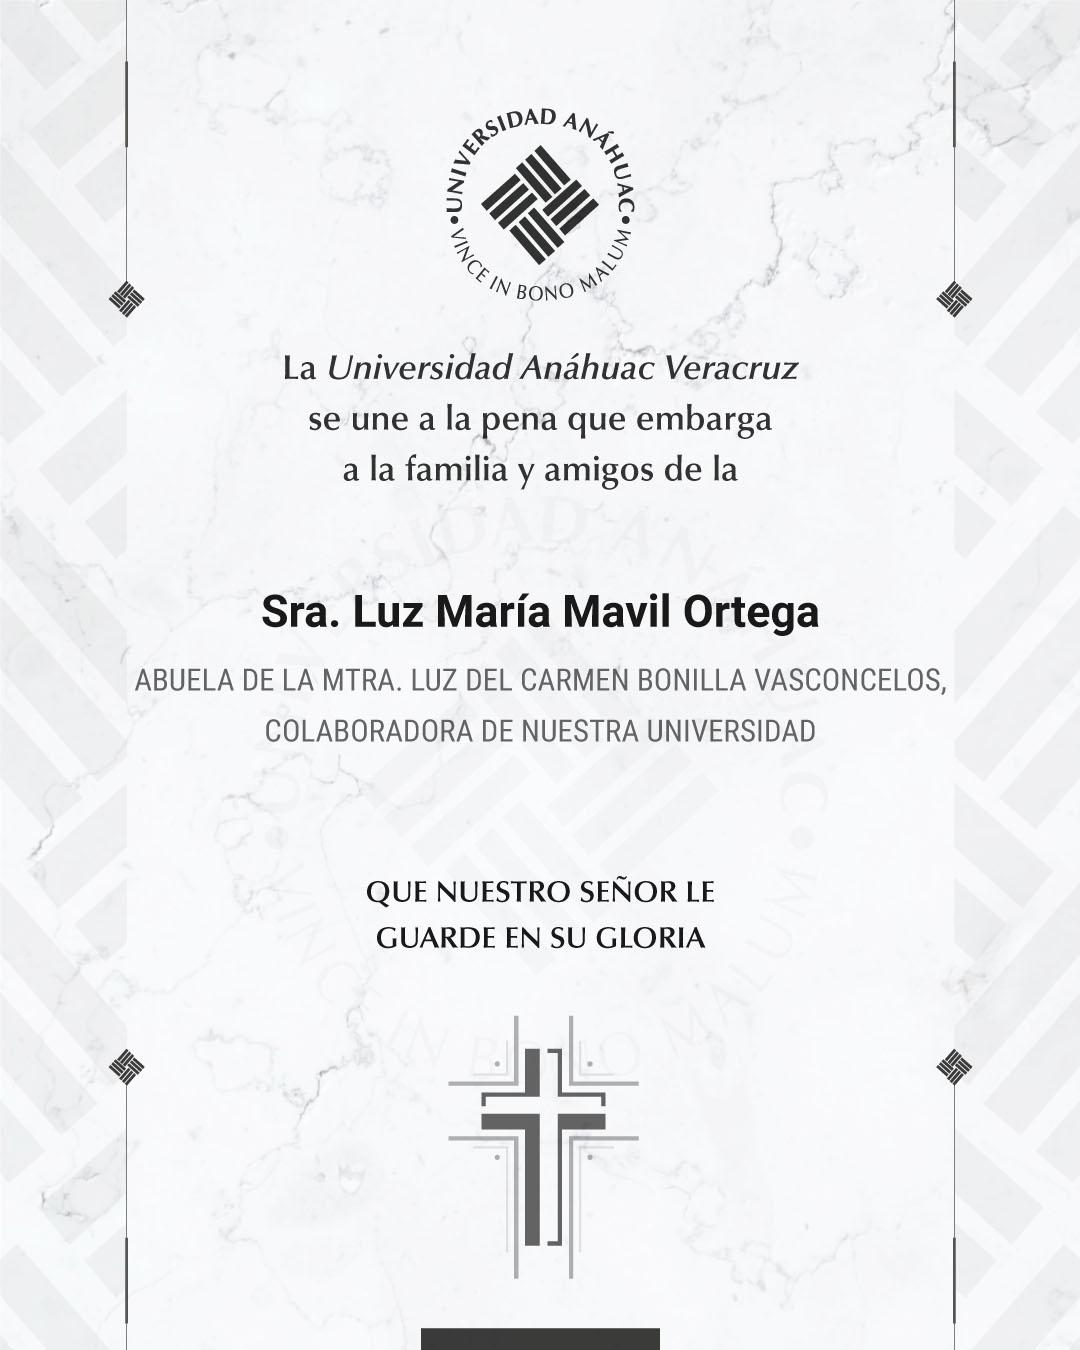 Sra. Luz María Mavil Ortega